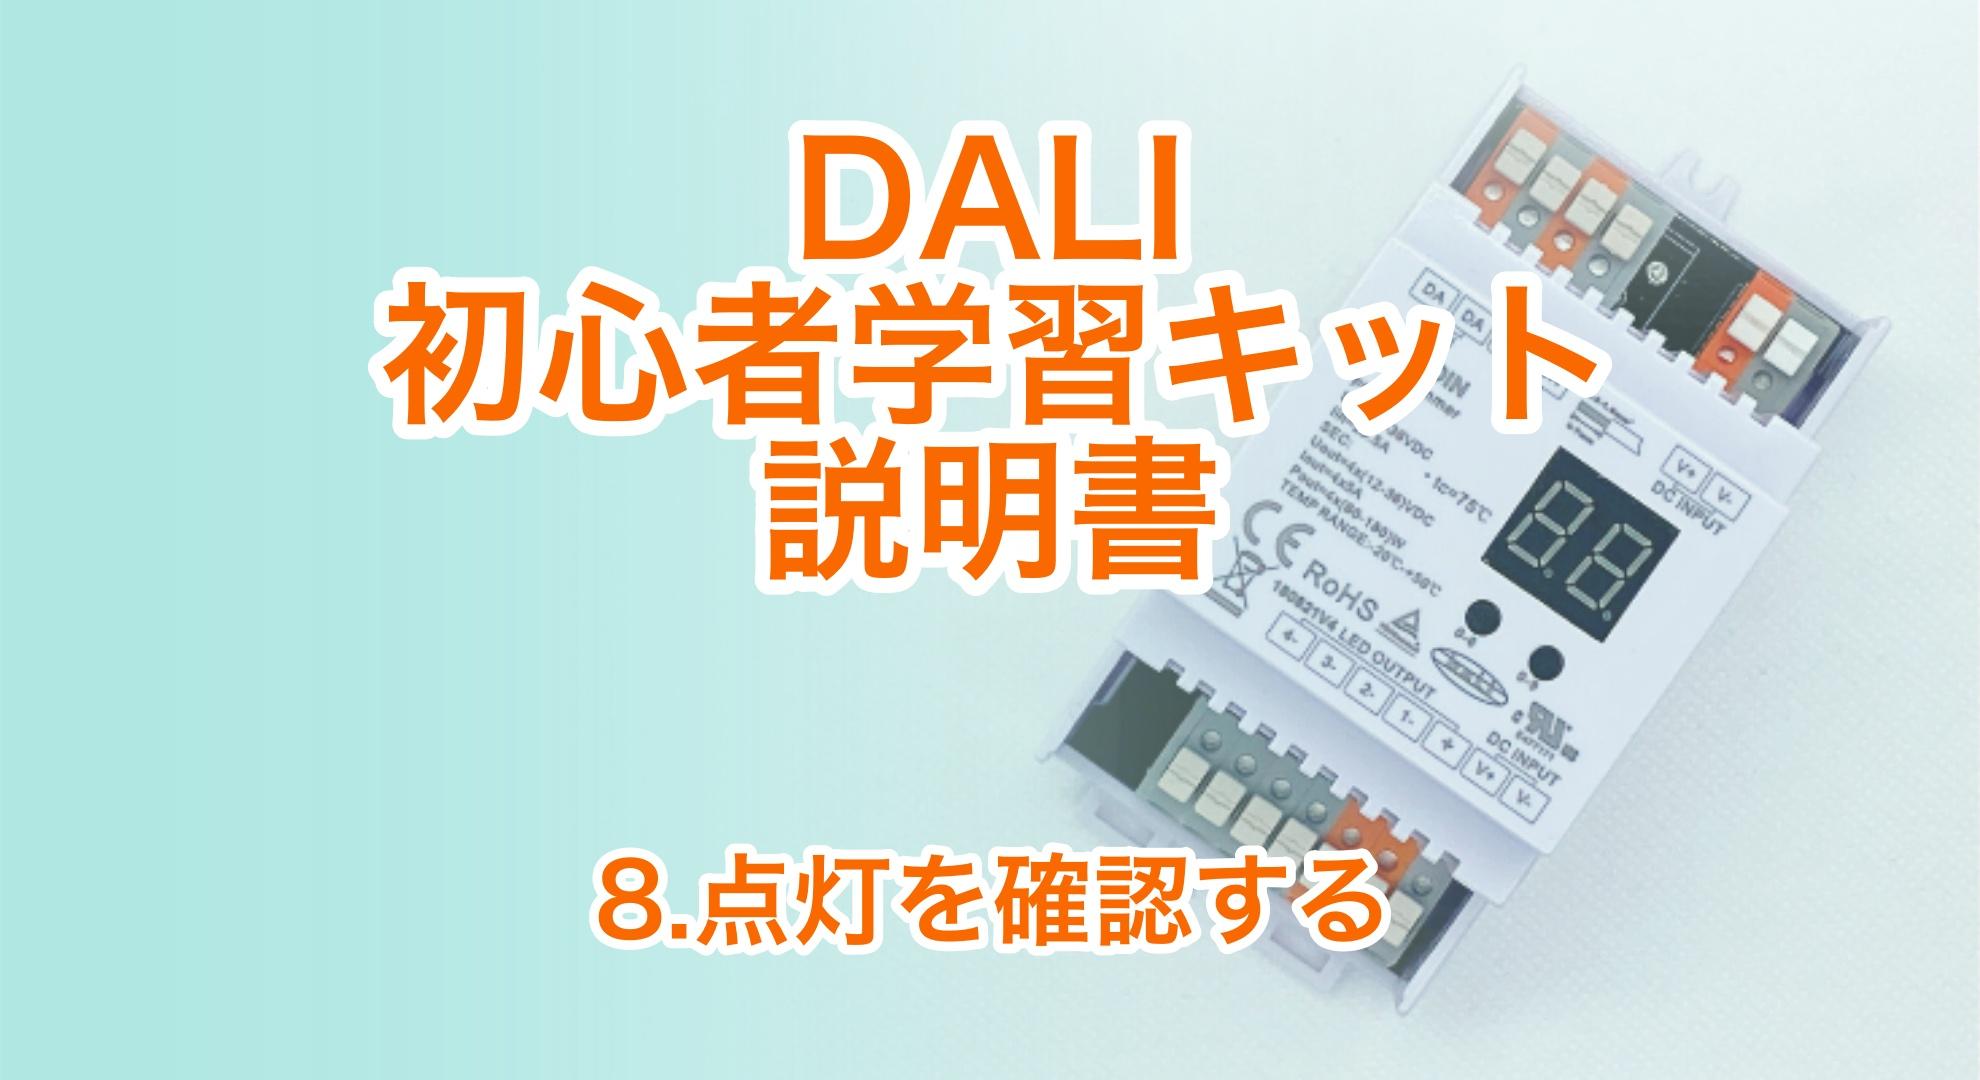 DALI初心者学習キット説明書 8.点灯を確認する